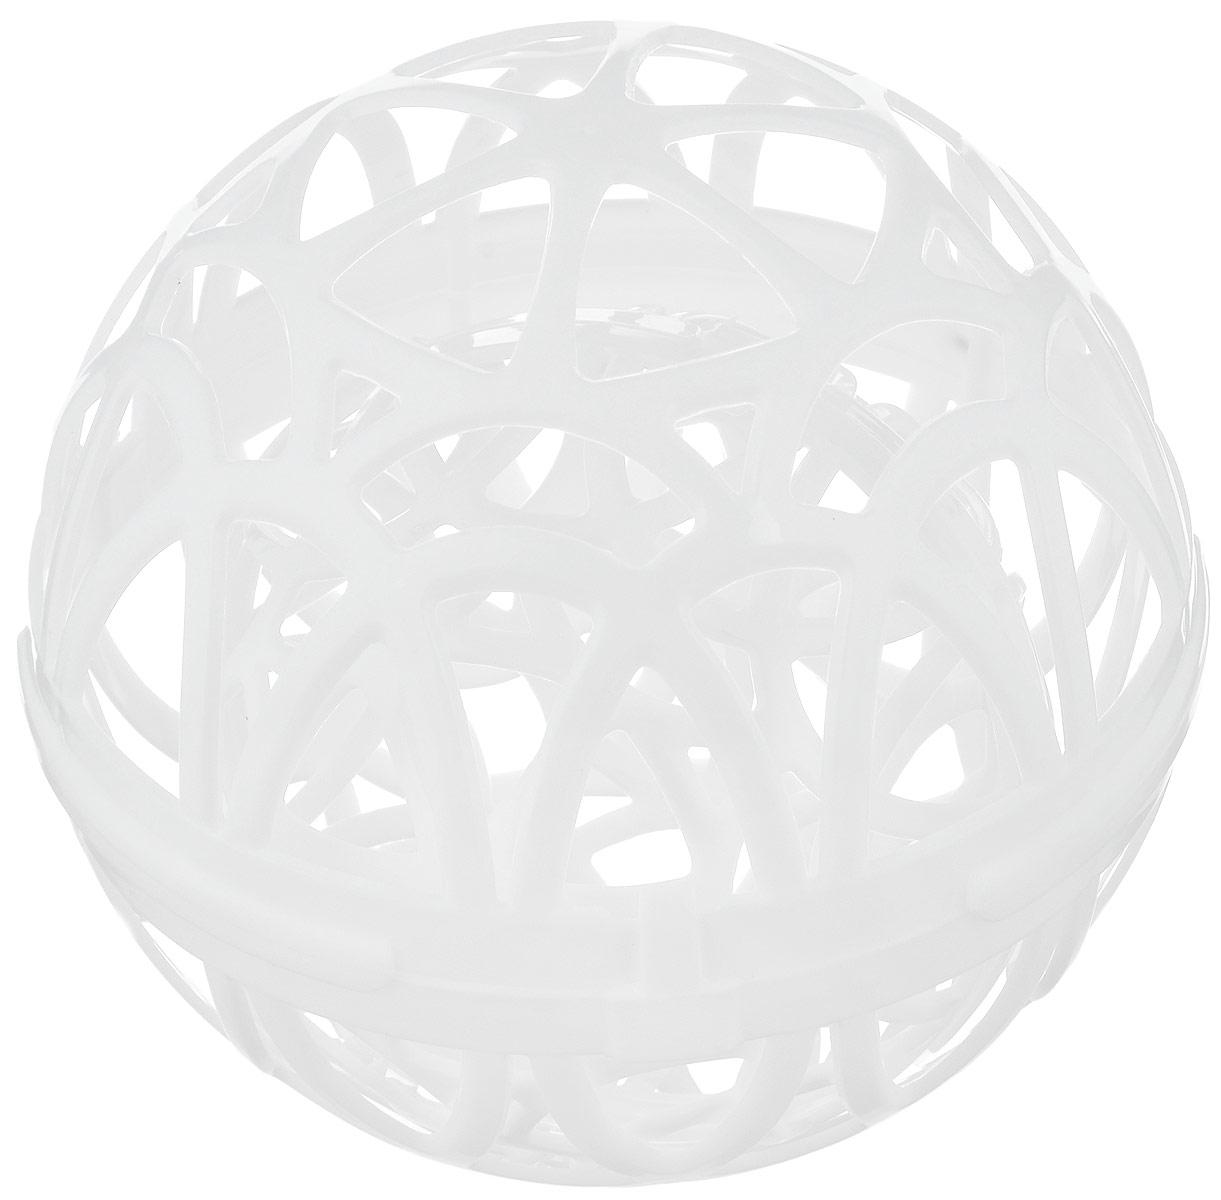 Сфера для стирки белья Idea, 2 штSVC-300Сфера Idea - это современный способ стирки белья в стиральной машине, который позволяет избавить его от загрязнений без повреждения ткани вещей. Стирка в такой сфере сохранит форму белья, не допуская спутывания, перекручивания и сдавливания. Идеален для стирки деликатных вещей, в том числе бюстгальтеров. В комплект водят 2 сферы - малая и большая.Диаметр большой сферы: 16 см.Диаметр малой сферы: 12 см.